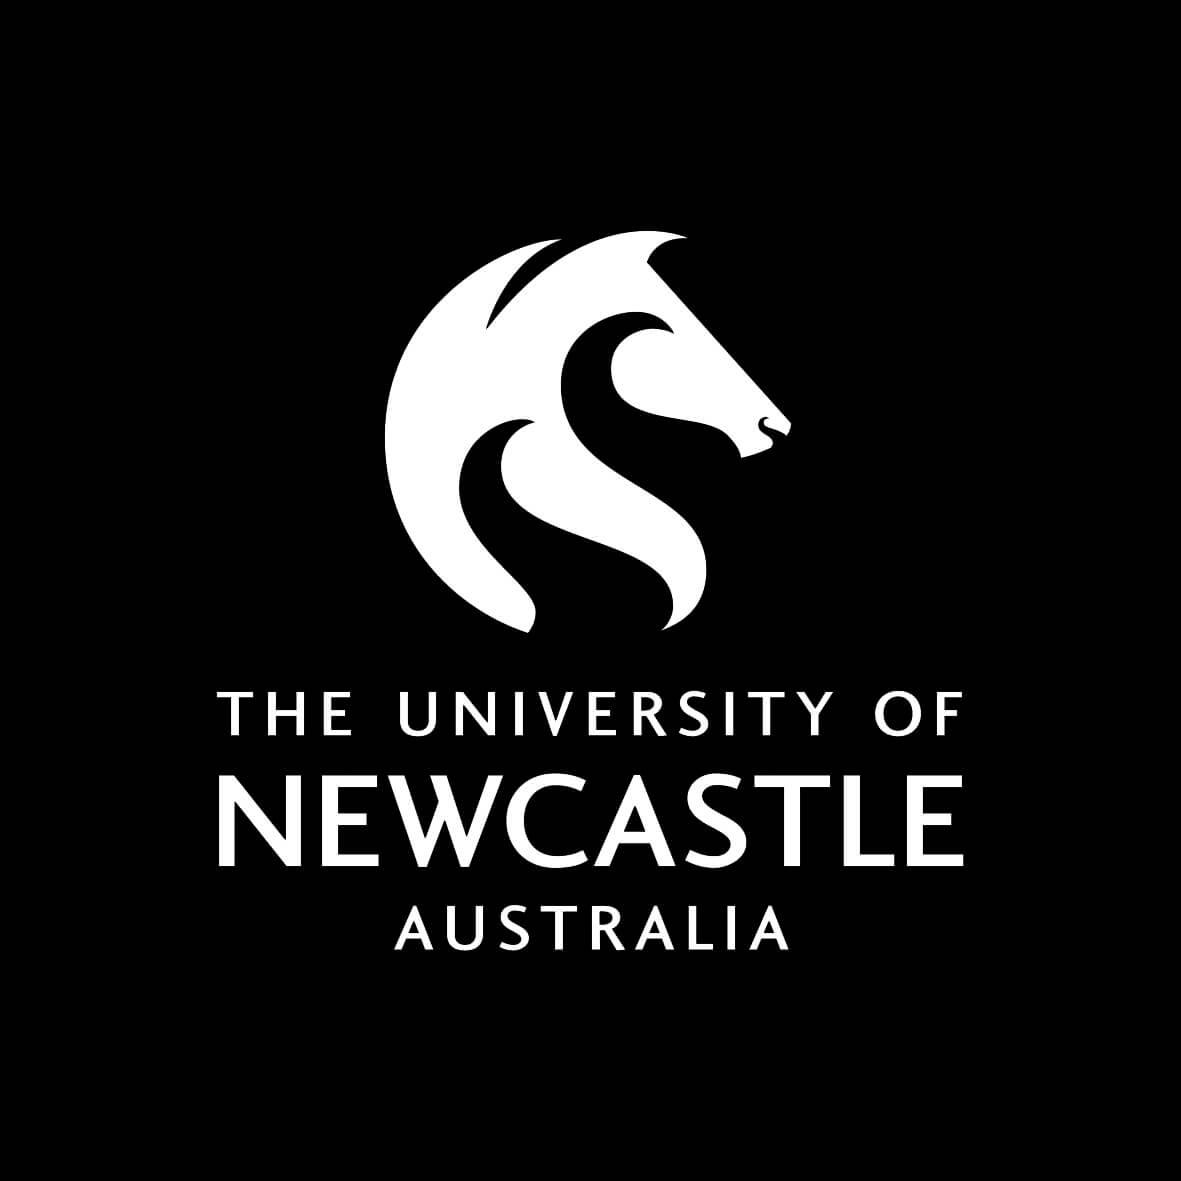 纽卡斯尔大学logo